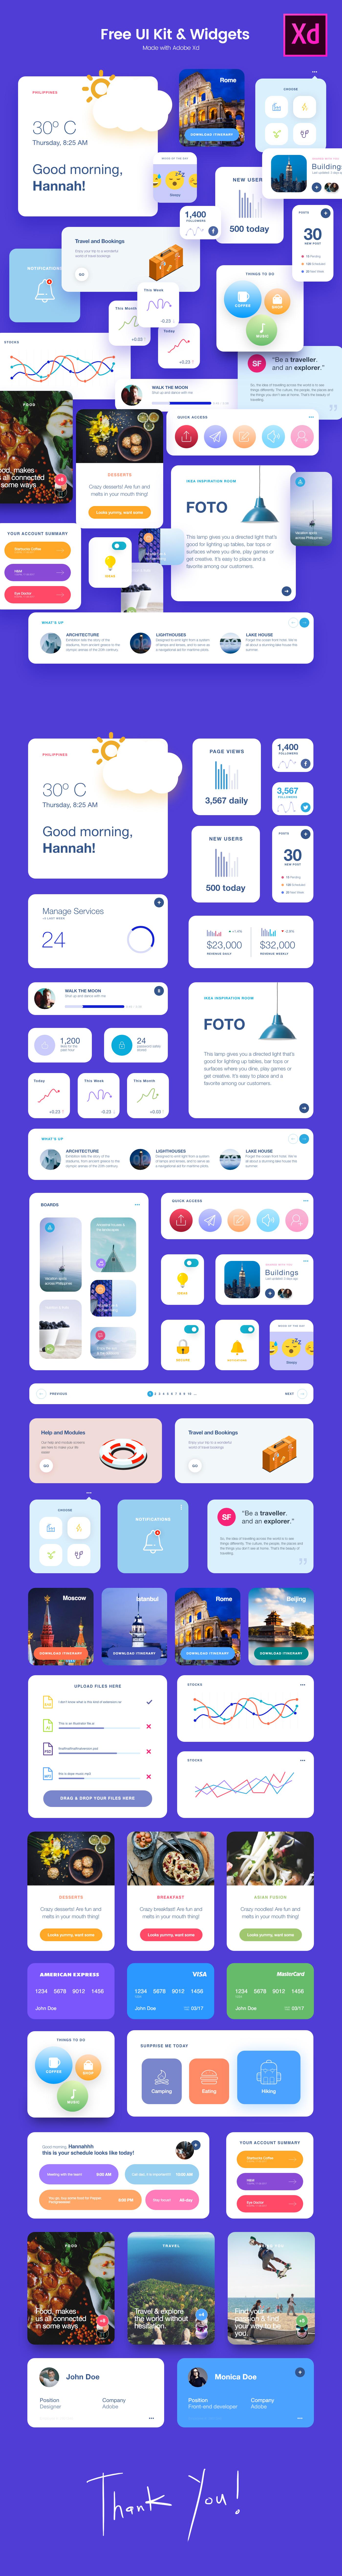 adobe xD adobexd UI kit freebie statistics dashboard MadeWithAdobeXd